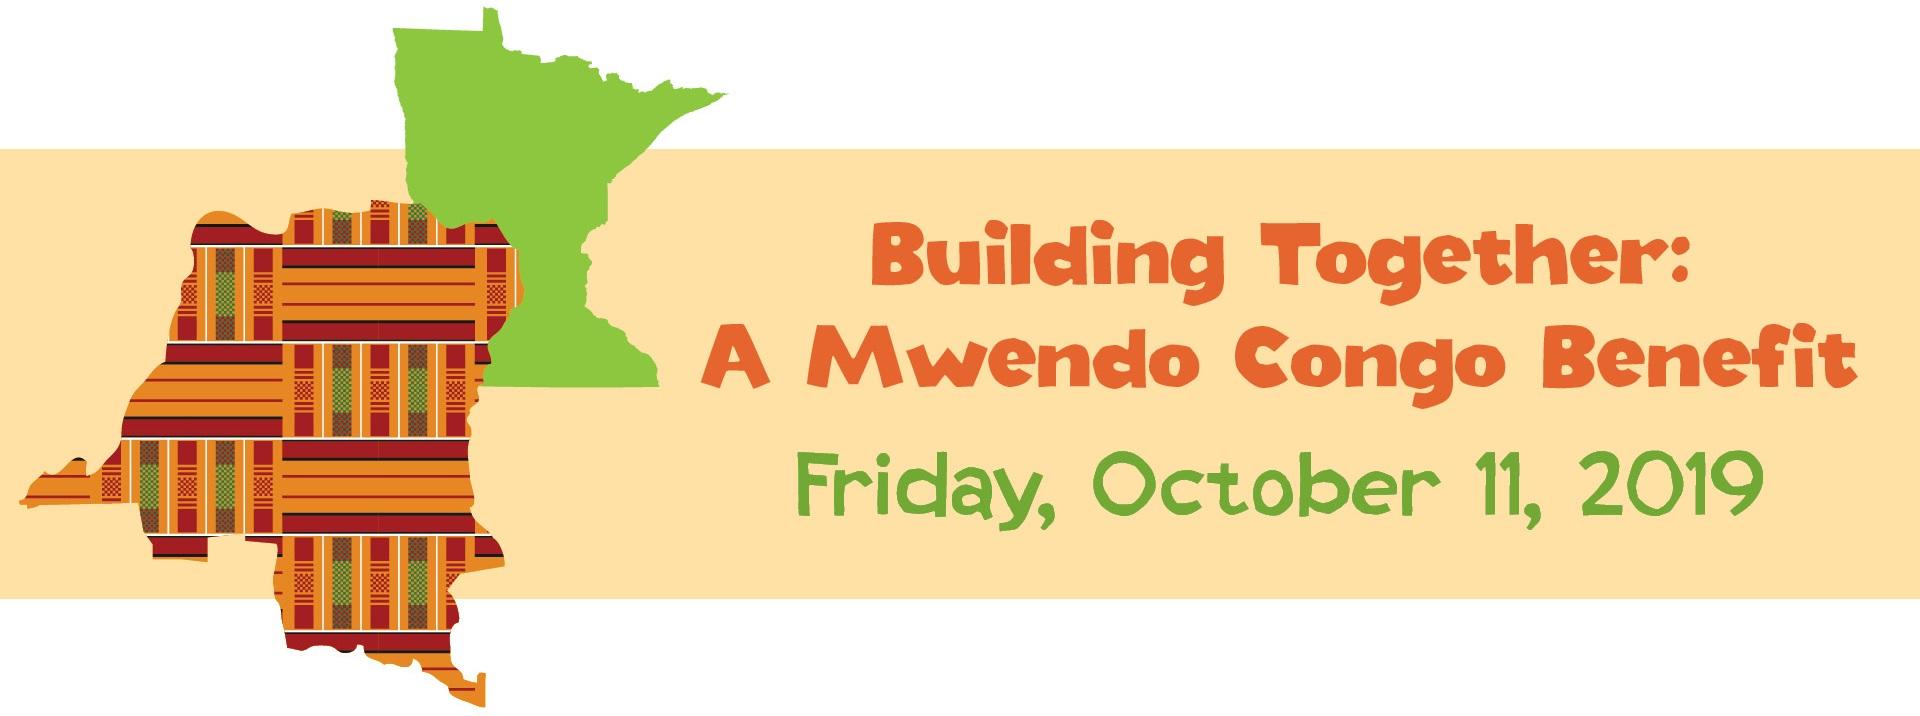 Mwendo Congo FB Event Cover.jpg